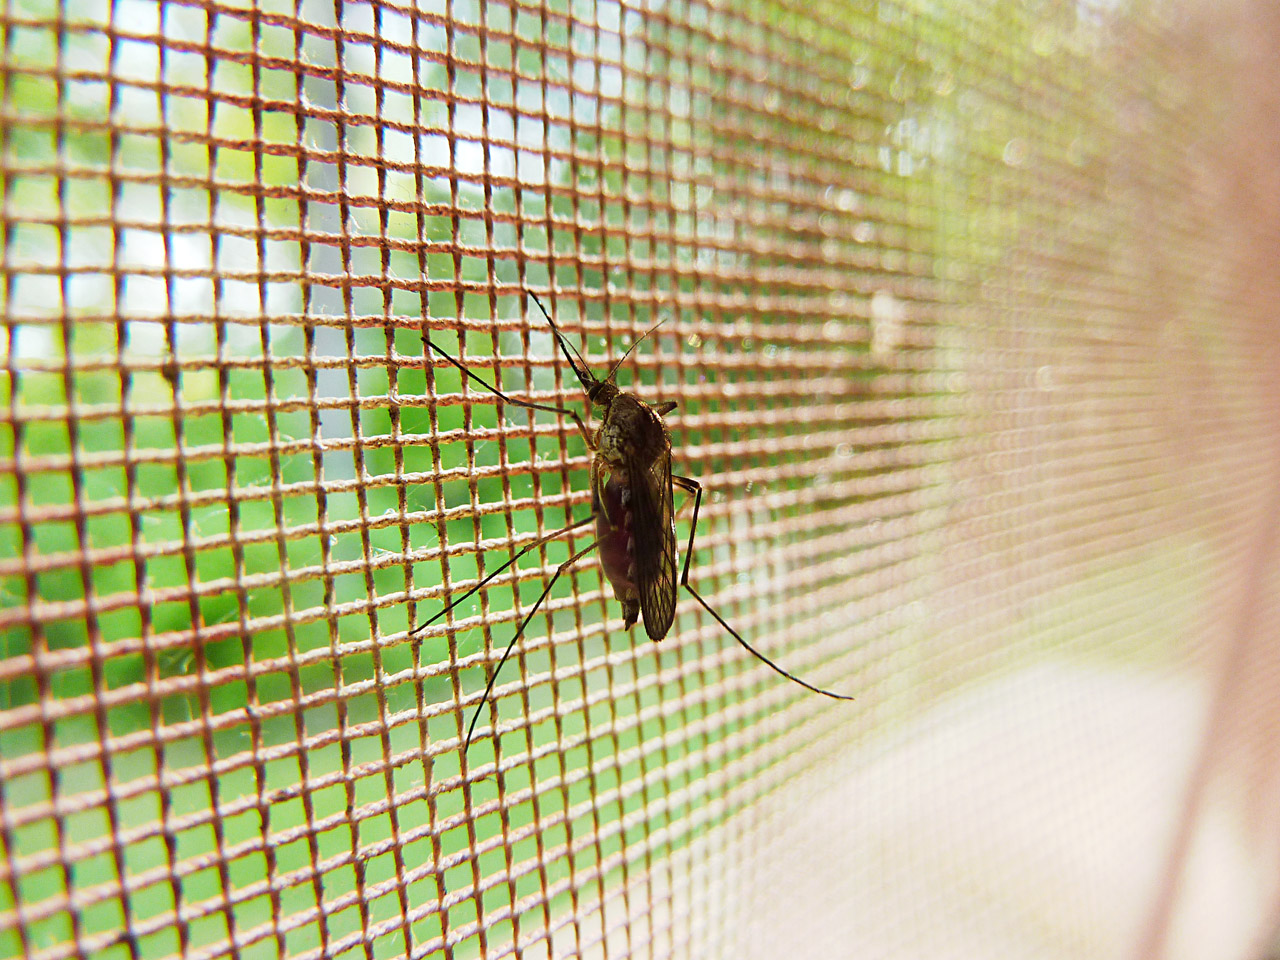 Zanzariere Fai Da Te: 3 metodi semplici per realizzare una zanzariera in casa